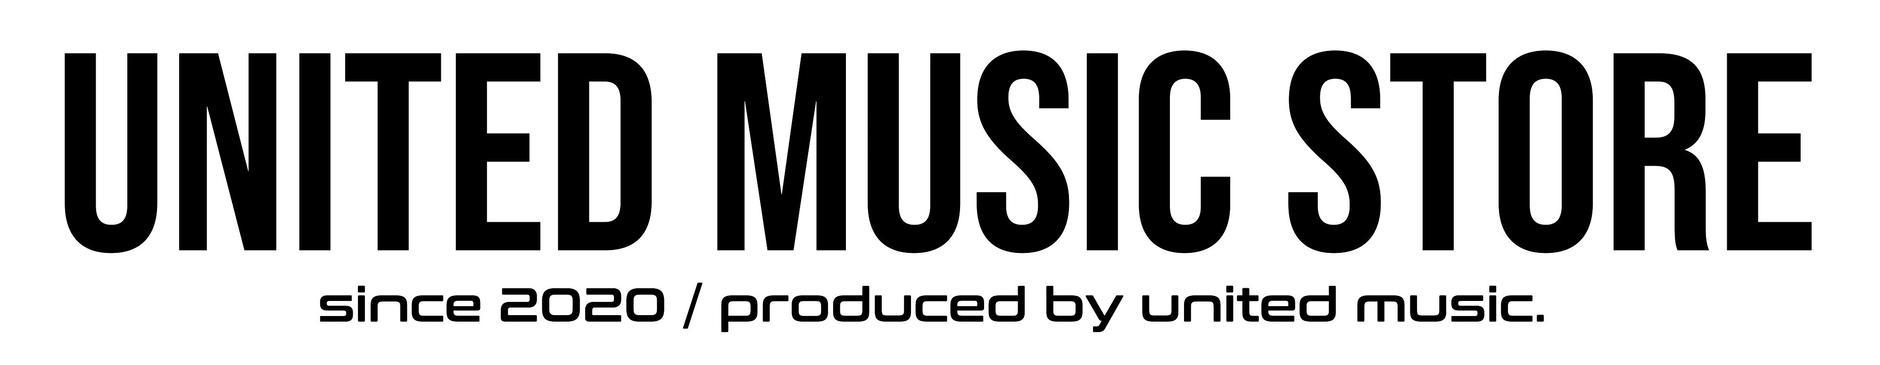 UNITED MUSIC STORE